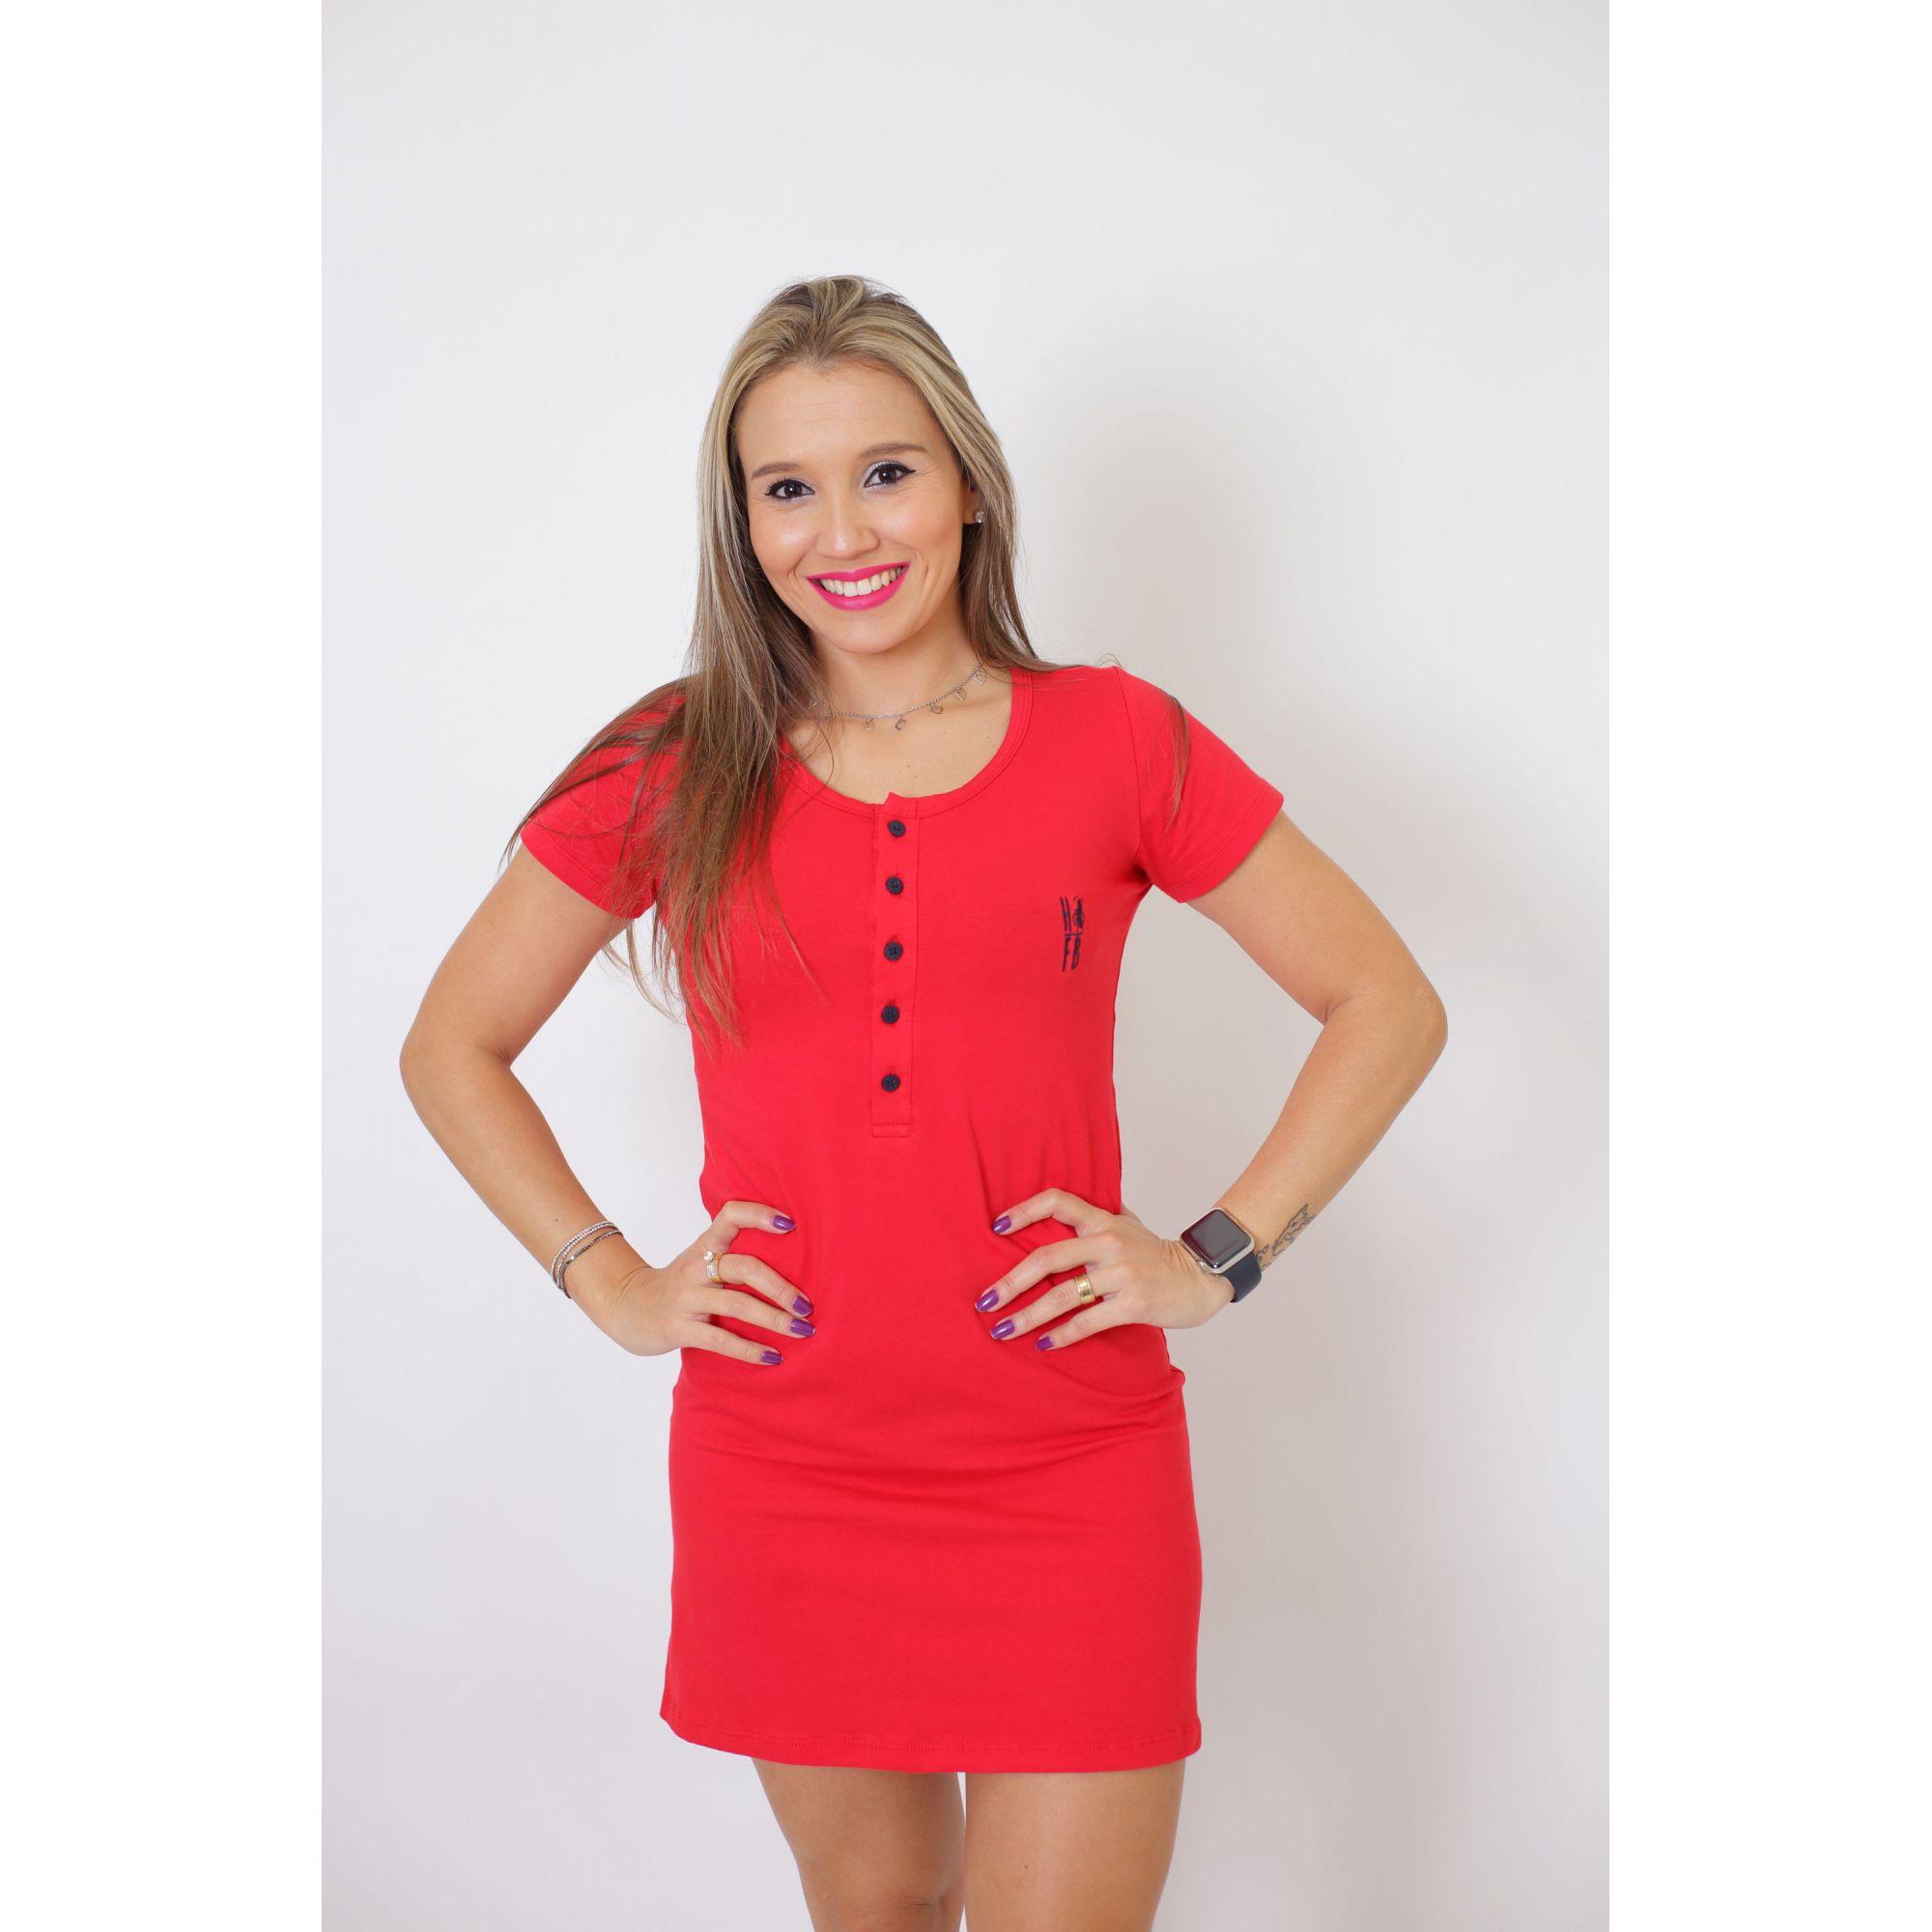 NAMORADOS > Kit 02 Peças - T-Shirt + Vestido - Henley - Vermelha [Coleção Namorados]  - Heitor Fashion Brazil